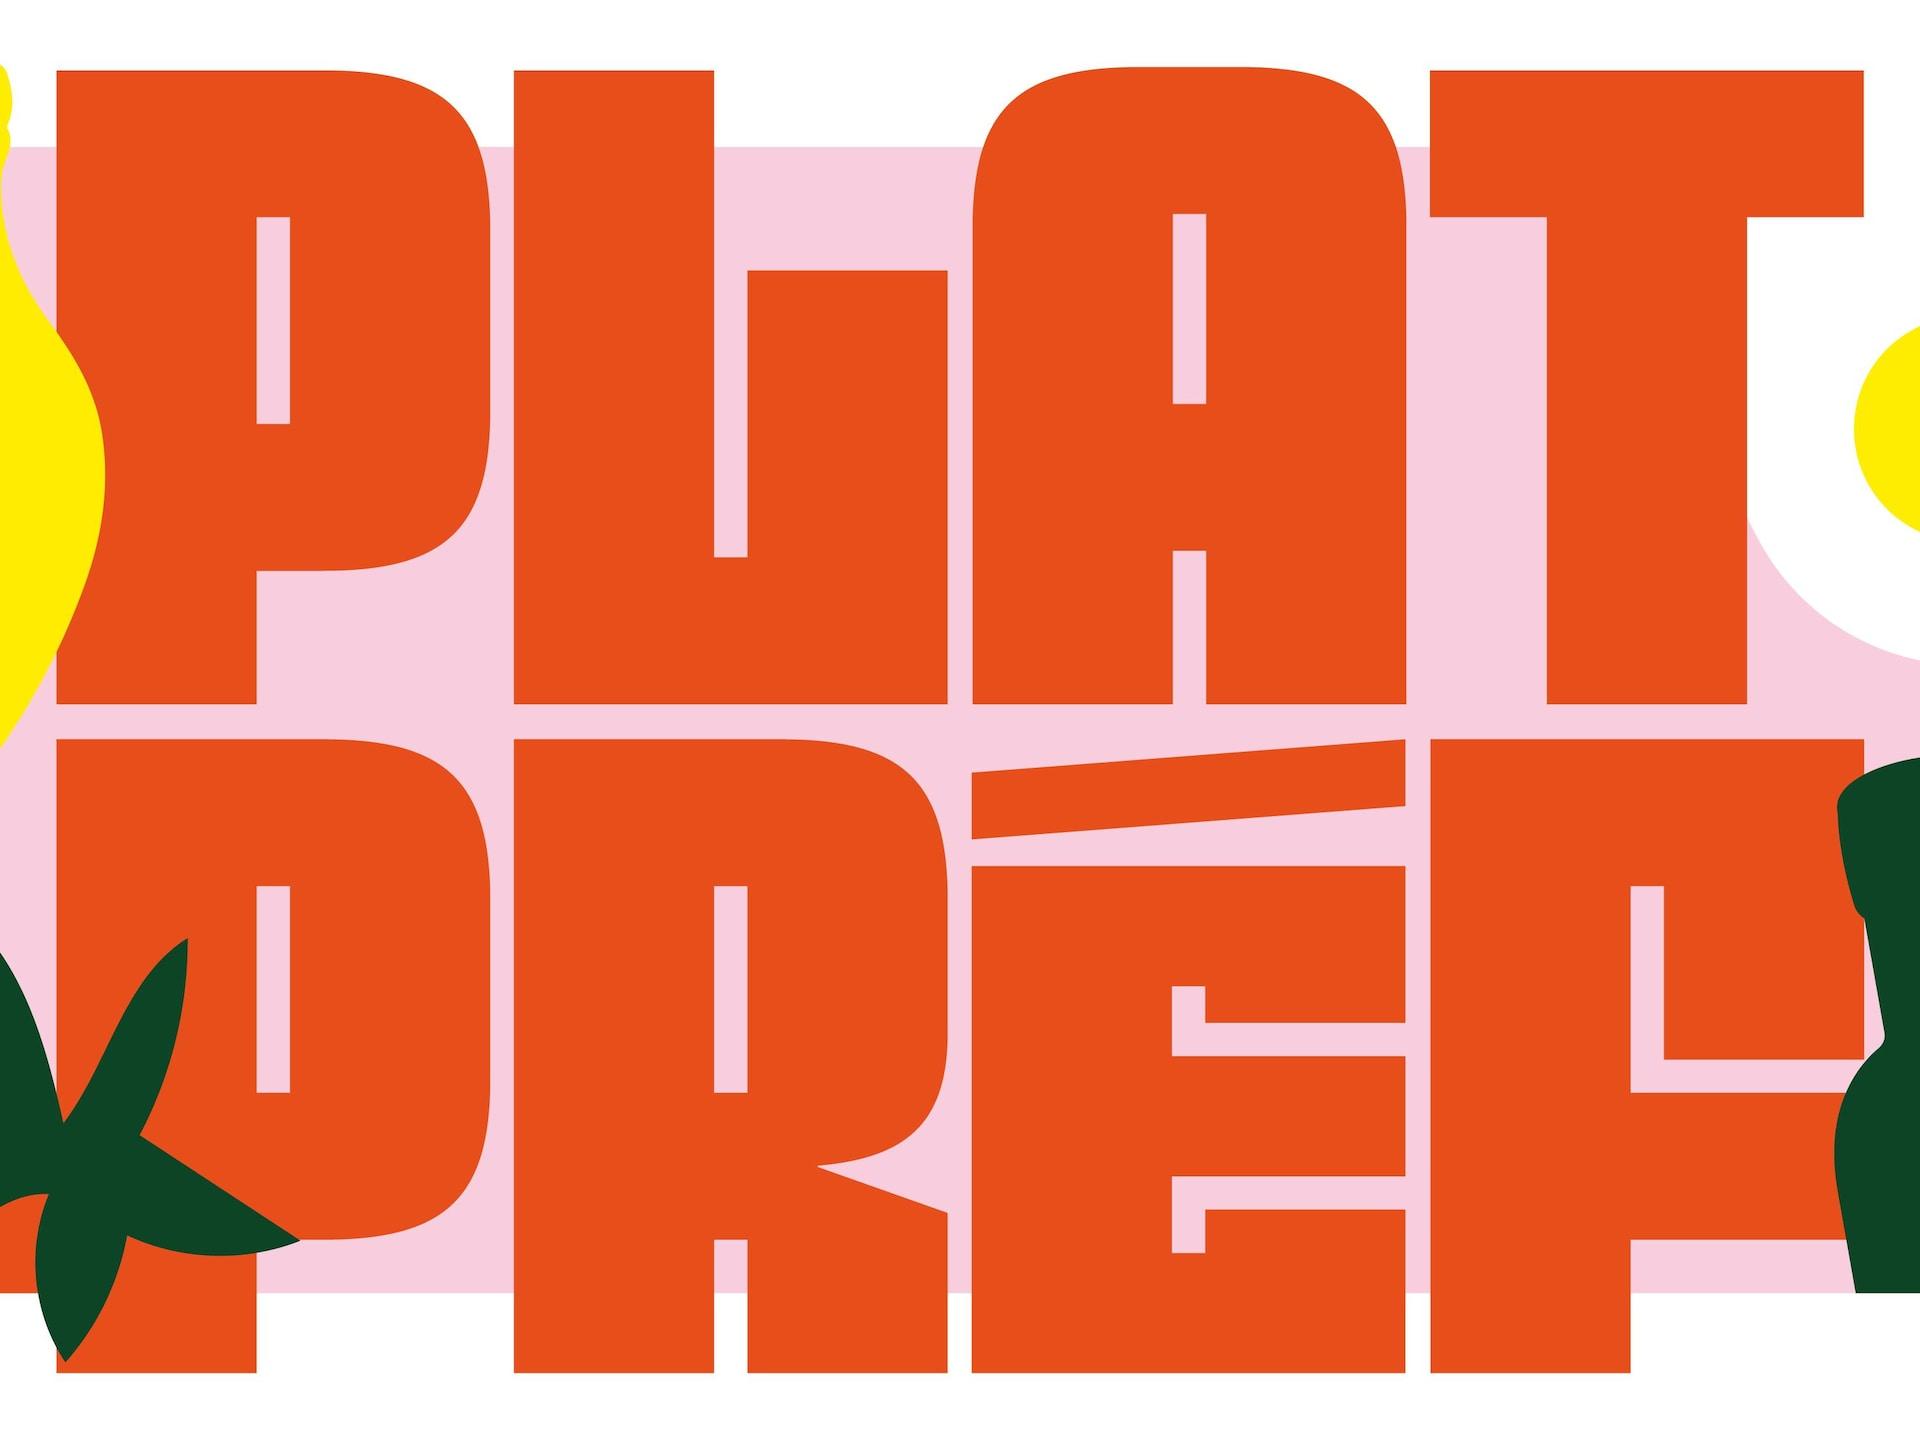 Le logo de la websérie Plat Pref.